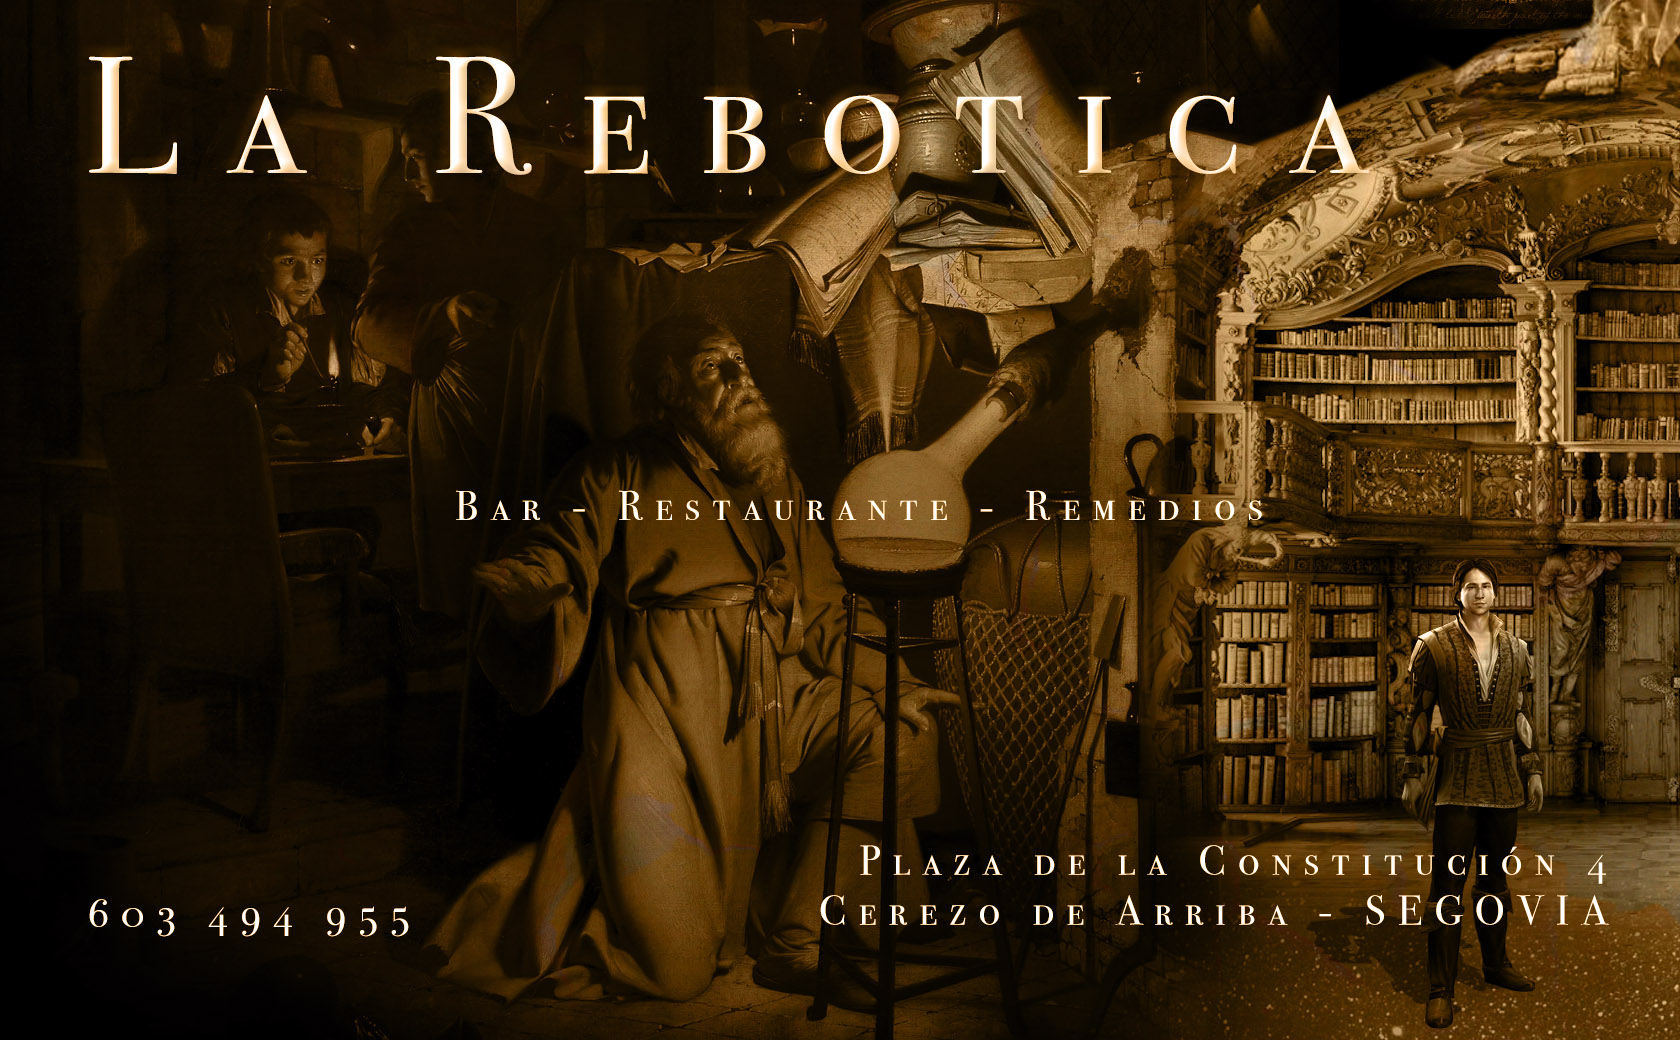 La-Rebotica-1b